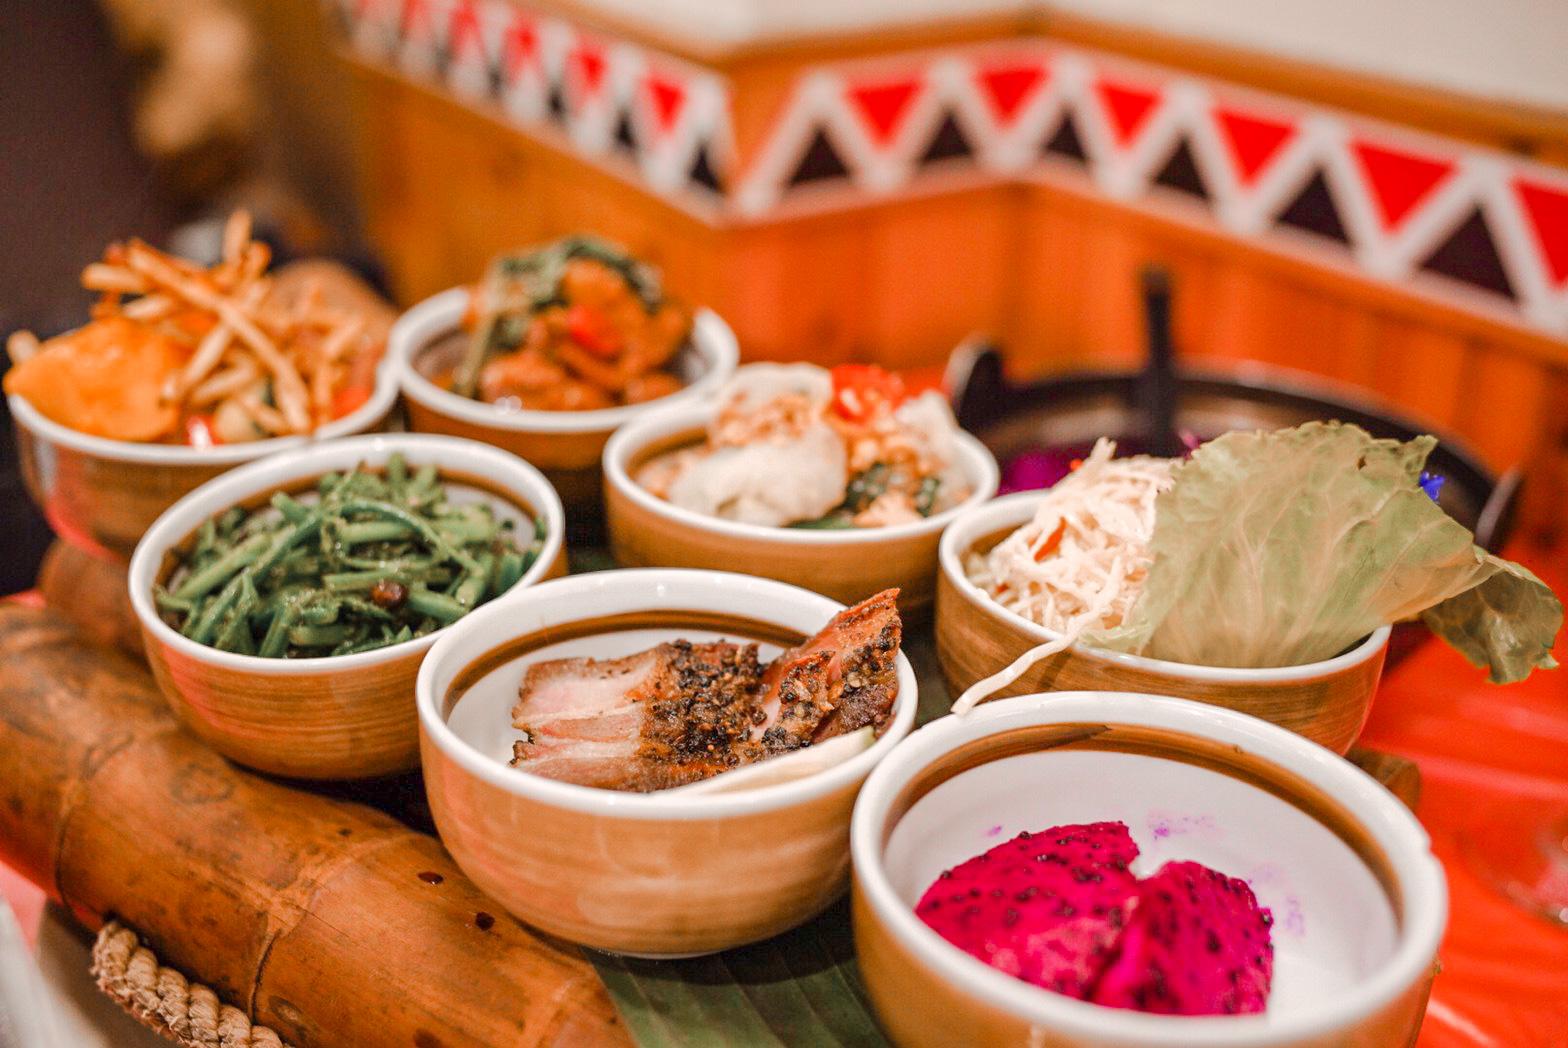 日月潭美食餐廳推薦|日月潭新山味邵族風味餐廳| 水社碼頭旁道地原住民料理